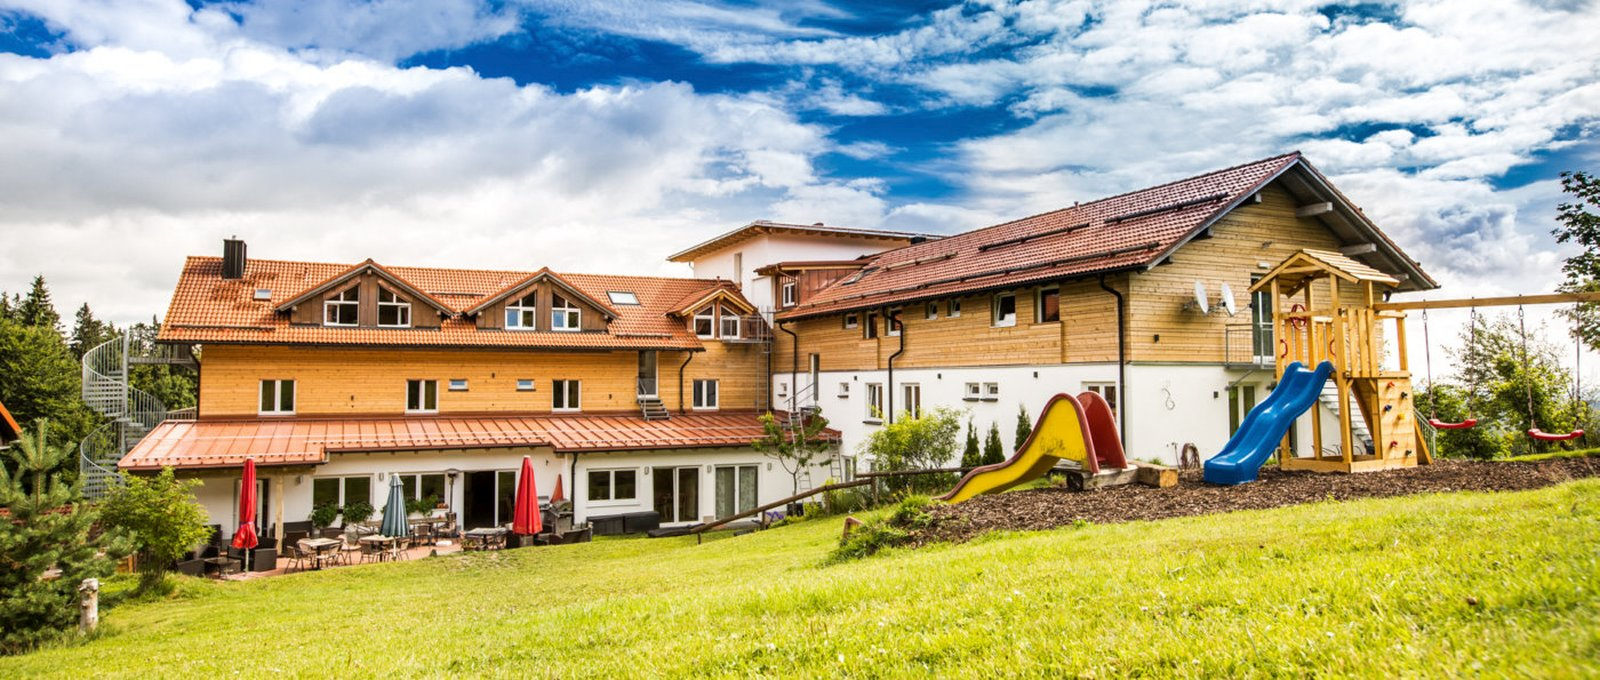 Familiäres Landhotel Haus Waldeck für Urlaub mit Hund